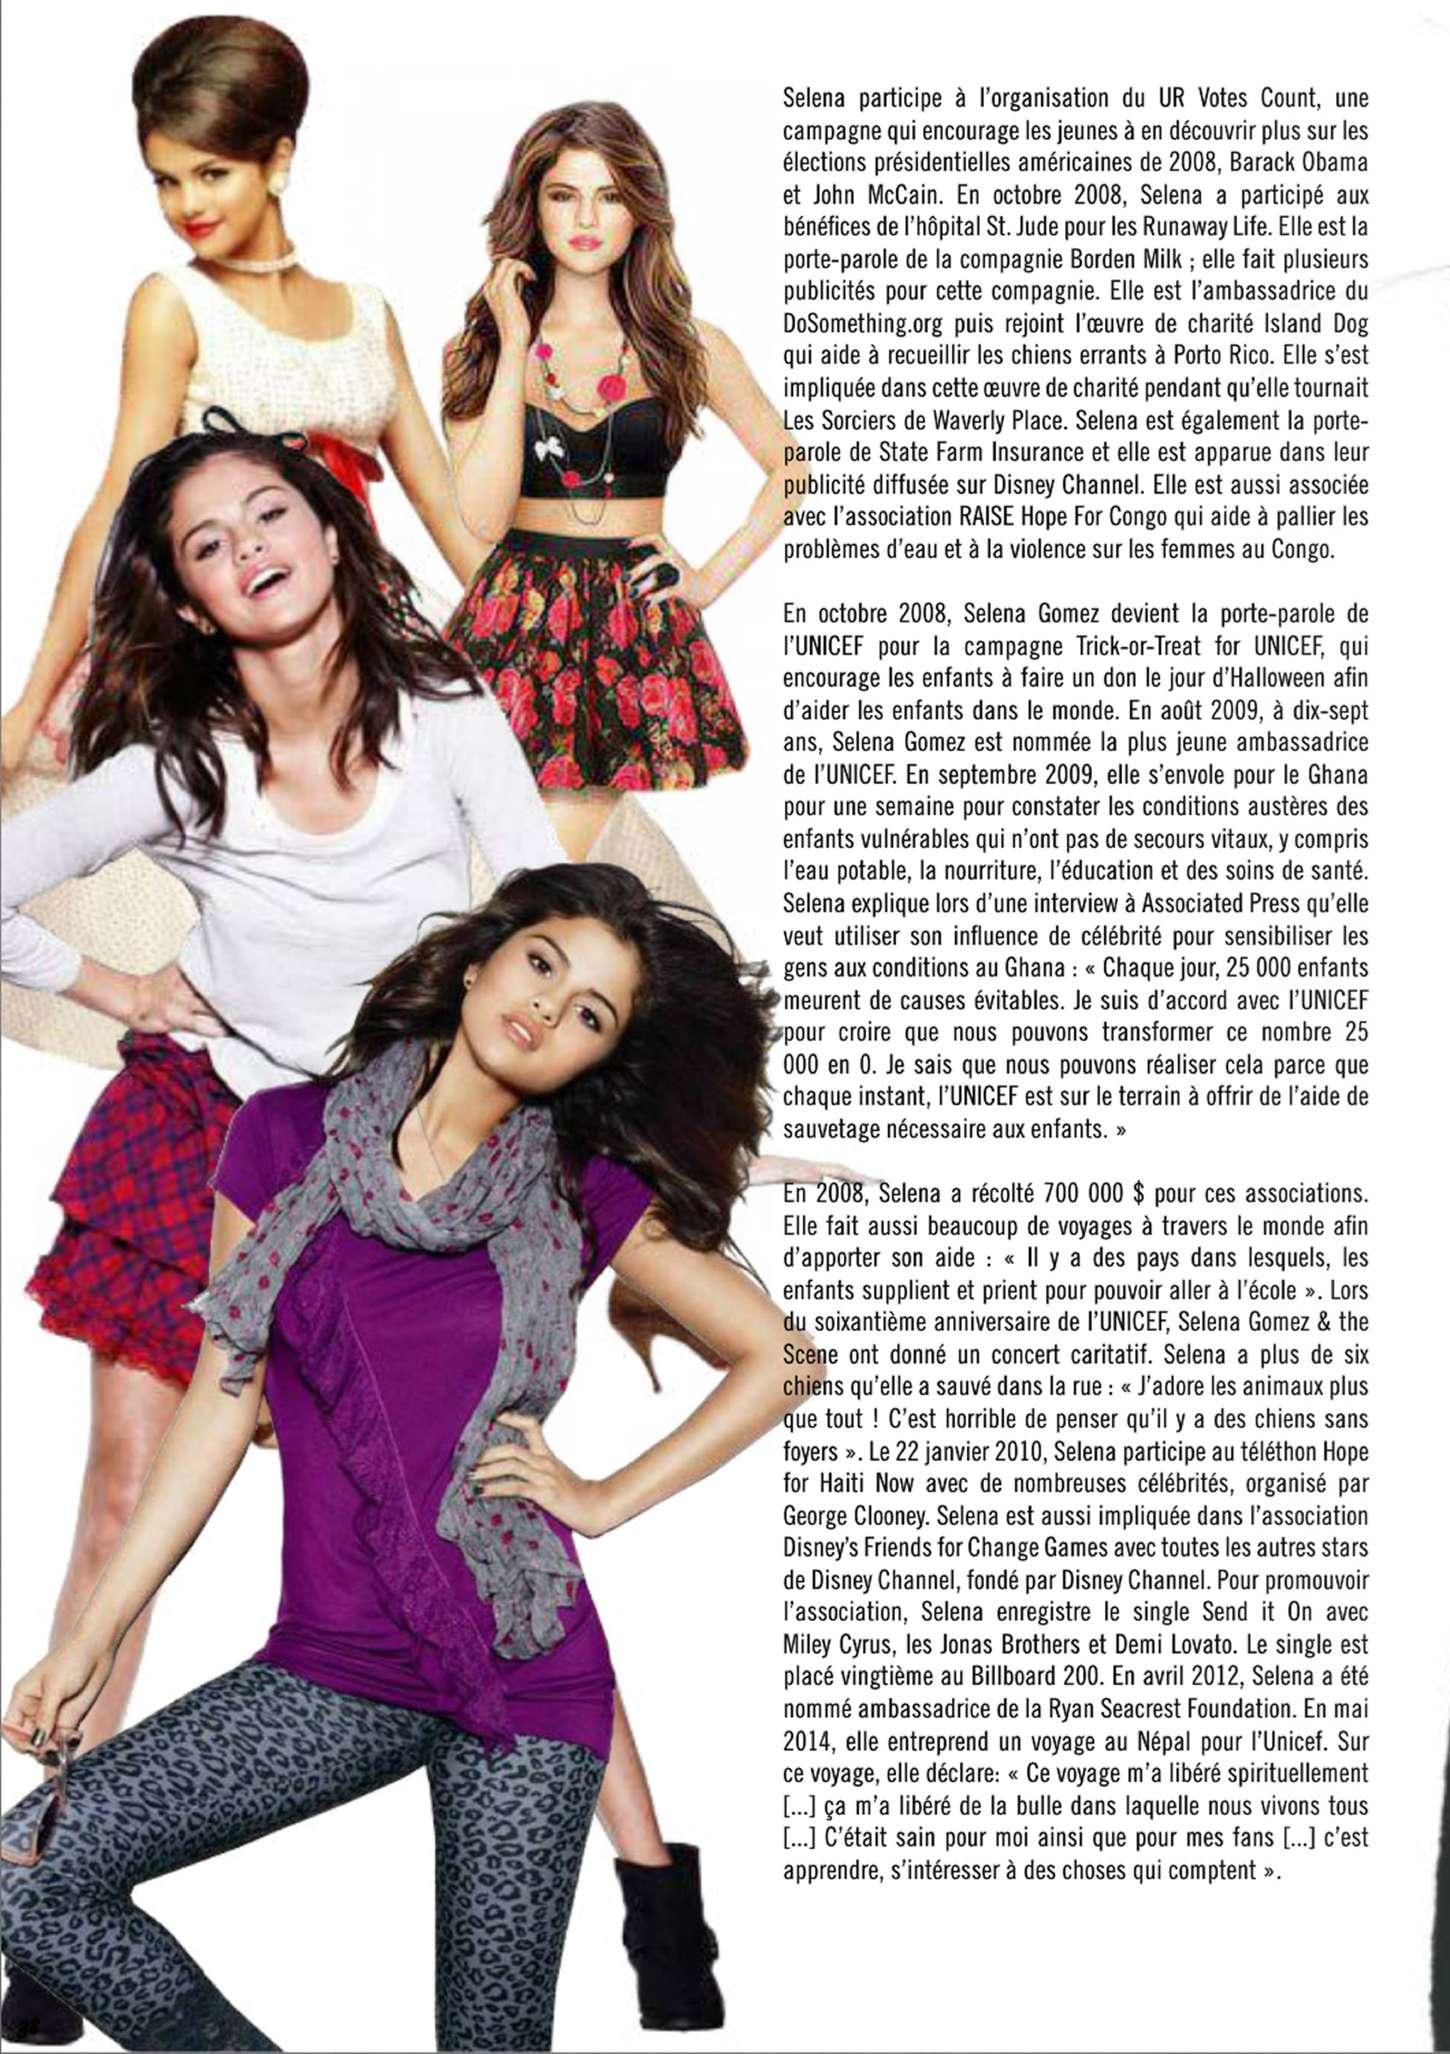 Selena Gomez 2015 : Selena Gomez: Stars Posters 2015 -01